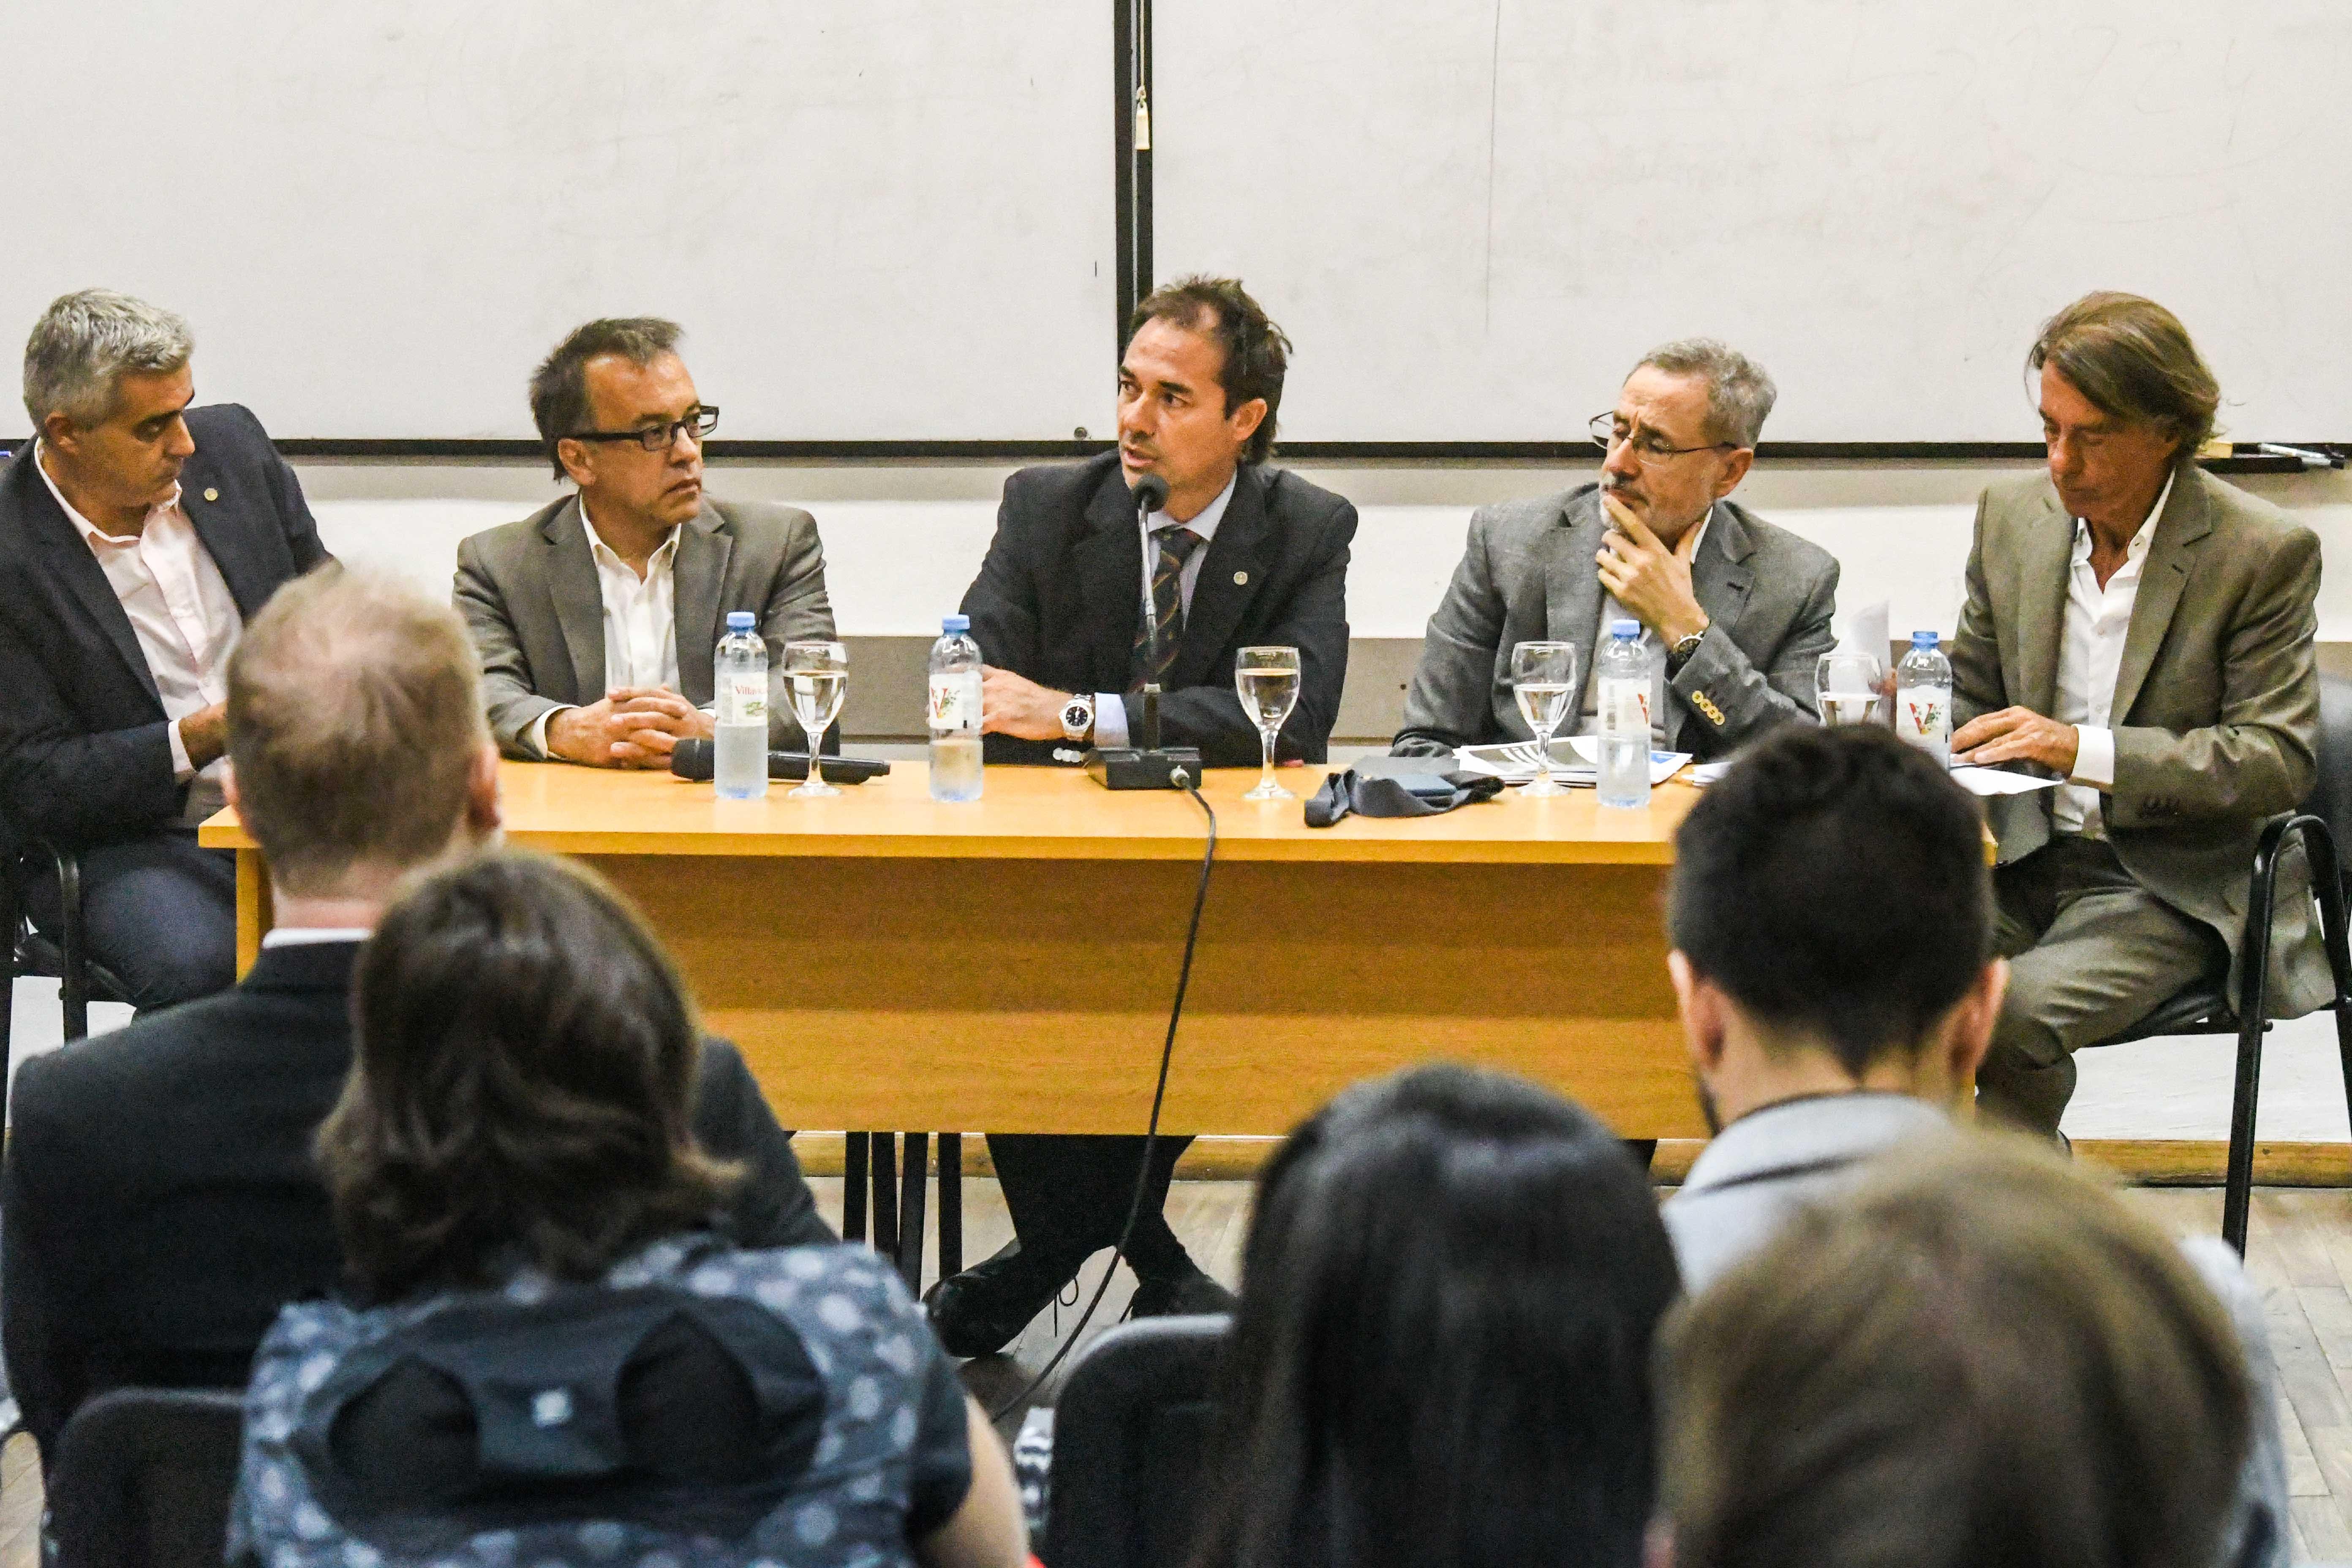 PRESENTACIÓN DE CÁTEDRA: POLÍTICAS DEMOCRÁTICAS DE SEGURIDAD CIUDADANA